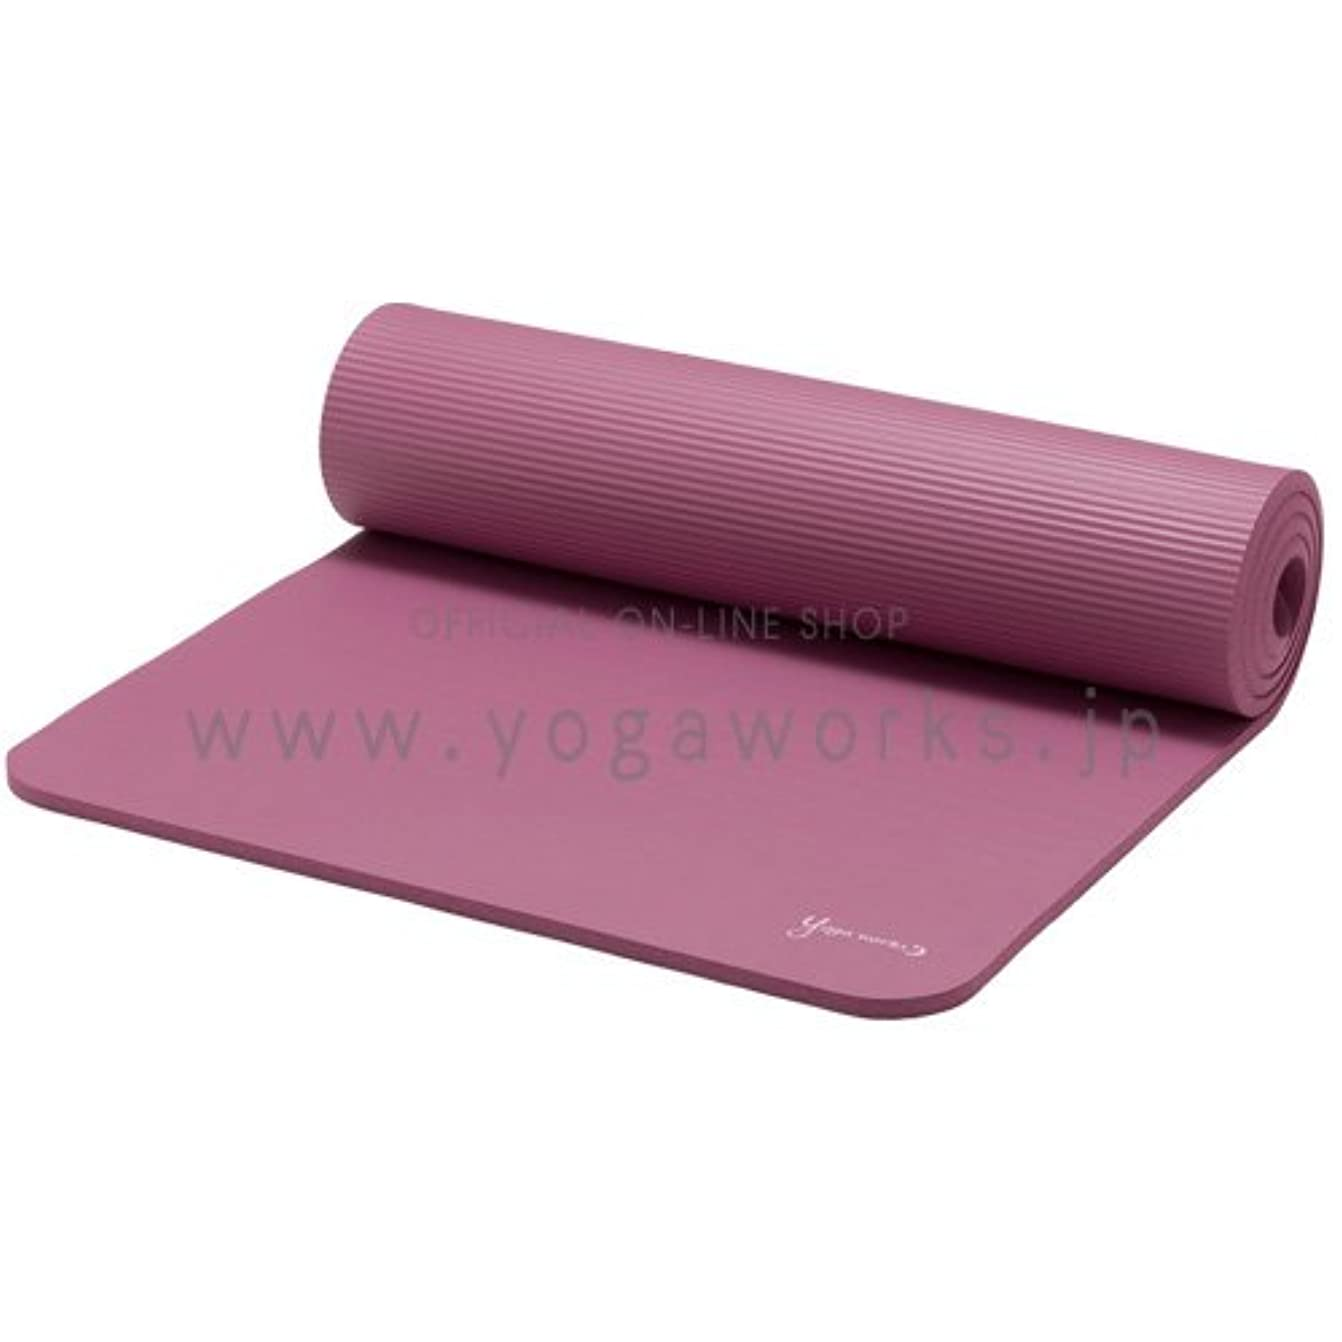 肉ピン酸っぱいヨガワークス(Yogaworks) ピラティスマット 12mm マルベリー YW-A150-C014